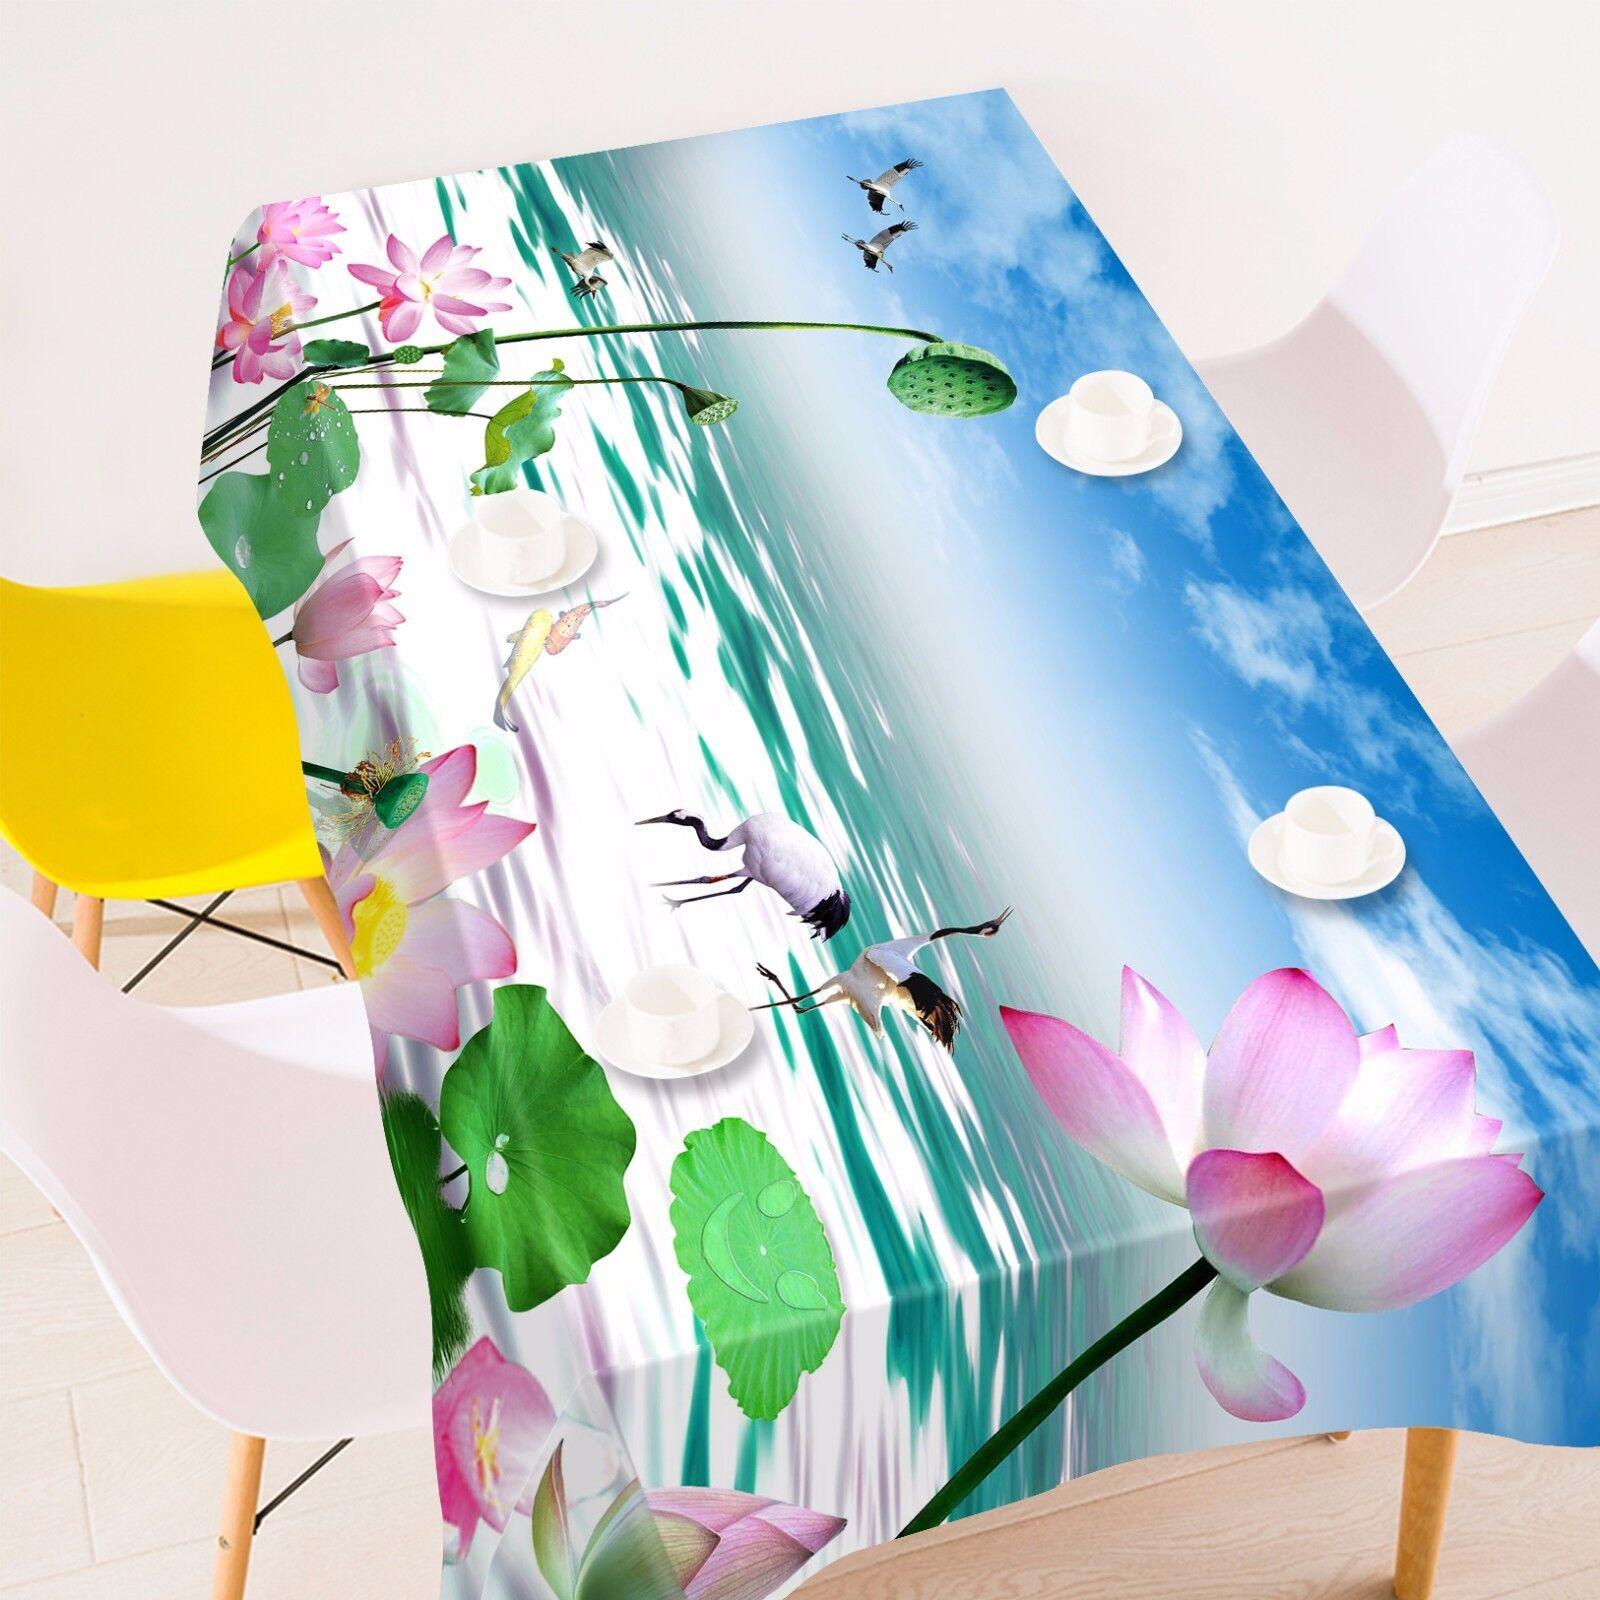 Graines 3D Lotus Nappe Table Cover Cloth fête d'anniversaire AJ papier peint UK Citron